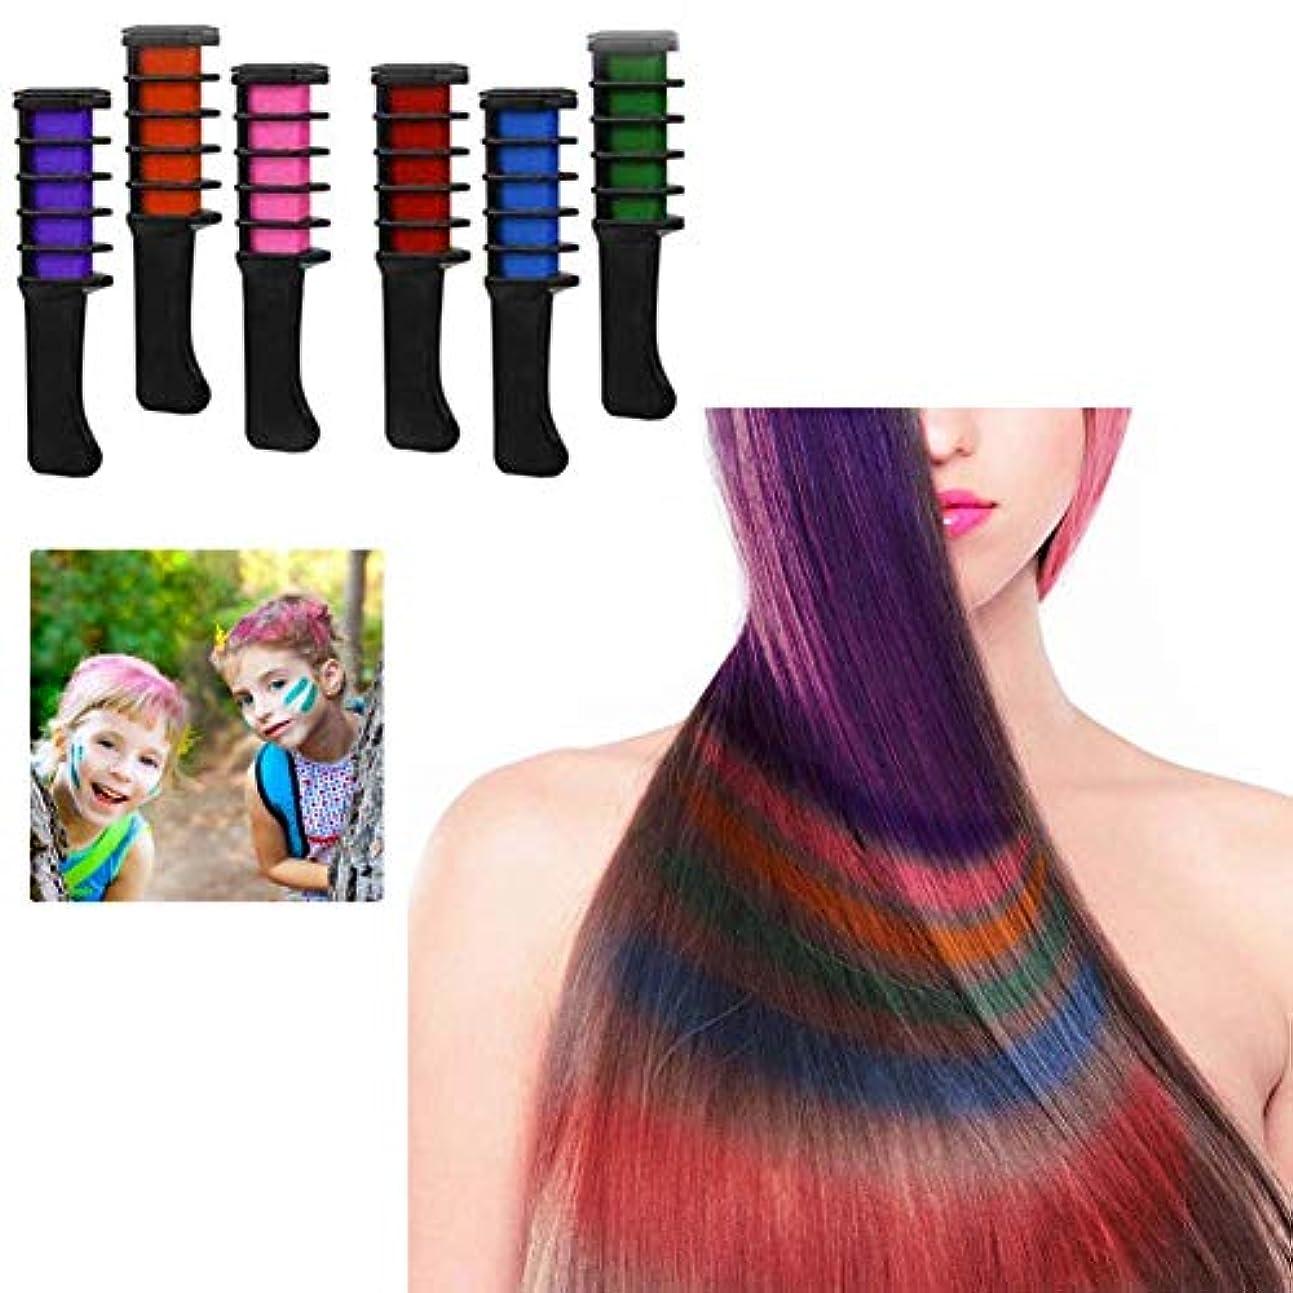 り無駄離す髪のチョークは子供の女の子のための一時的な髪の色を染めるすべての髪の色で動作しますアイデアクリスマスギフトブラックハンドル6色